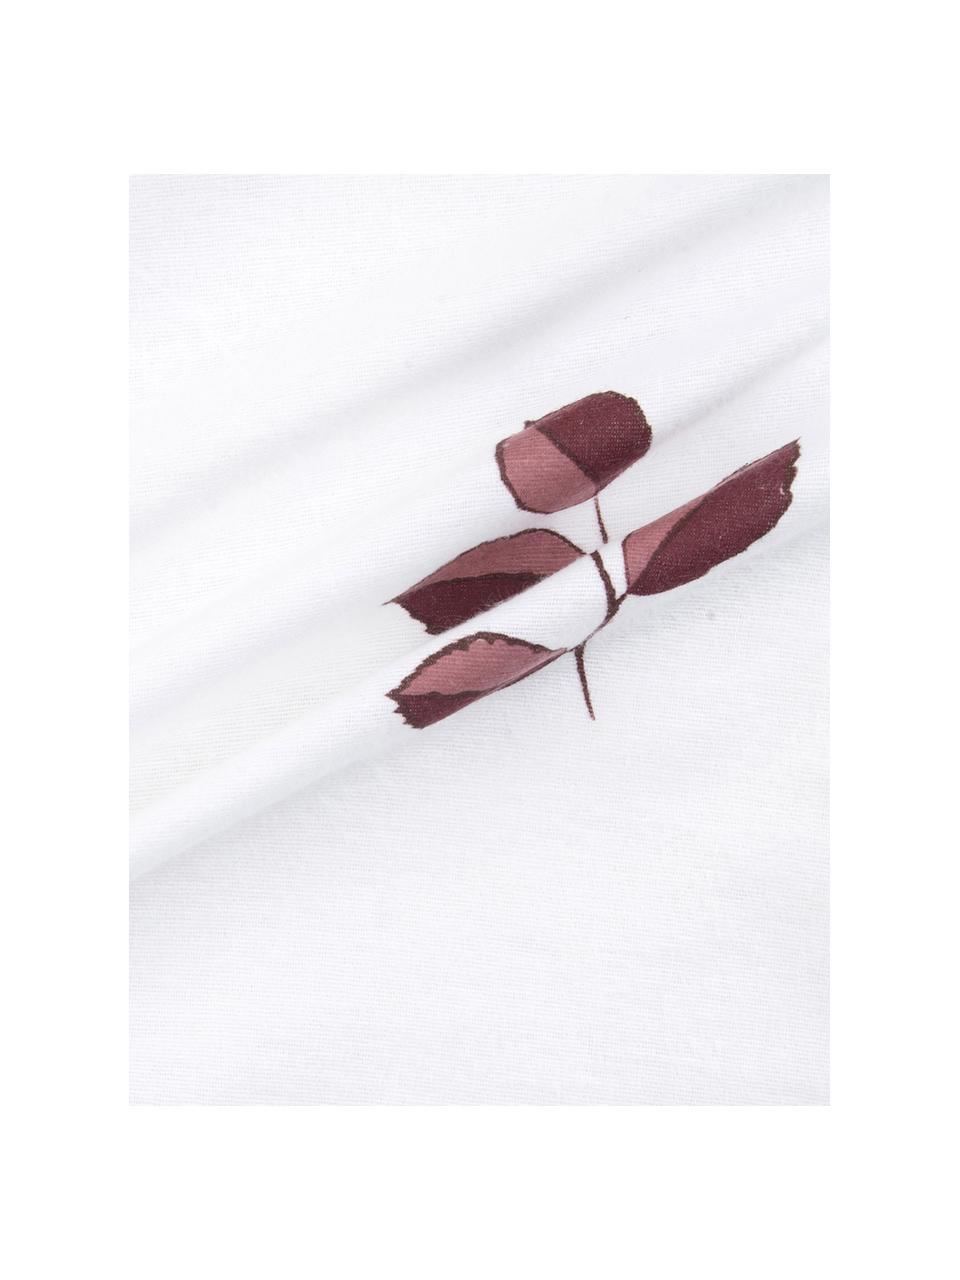 Flanell-Bettwäsche Fraser mit winterlichem Blattmuster, Webart: Flanell Flanell ist ein k, Bordeaux, Weiß, 240 x 220 cm + 2 Kissen 80 x 80 cm